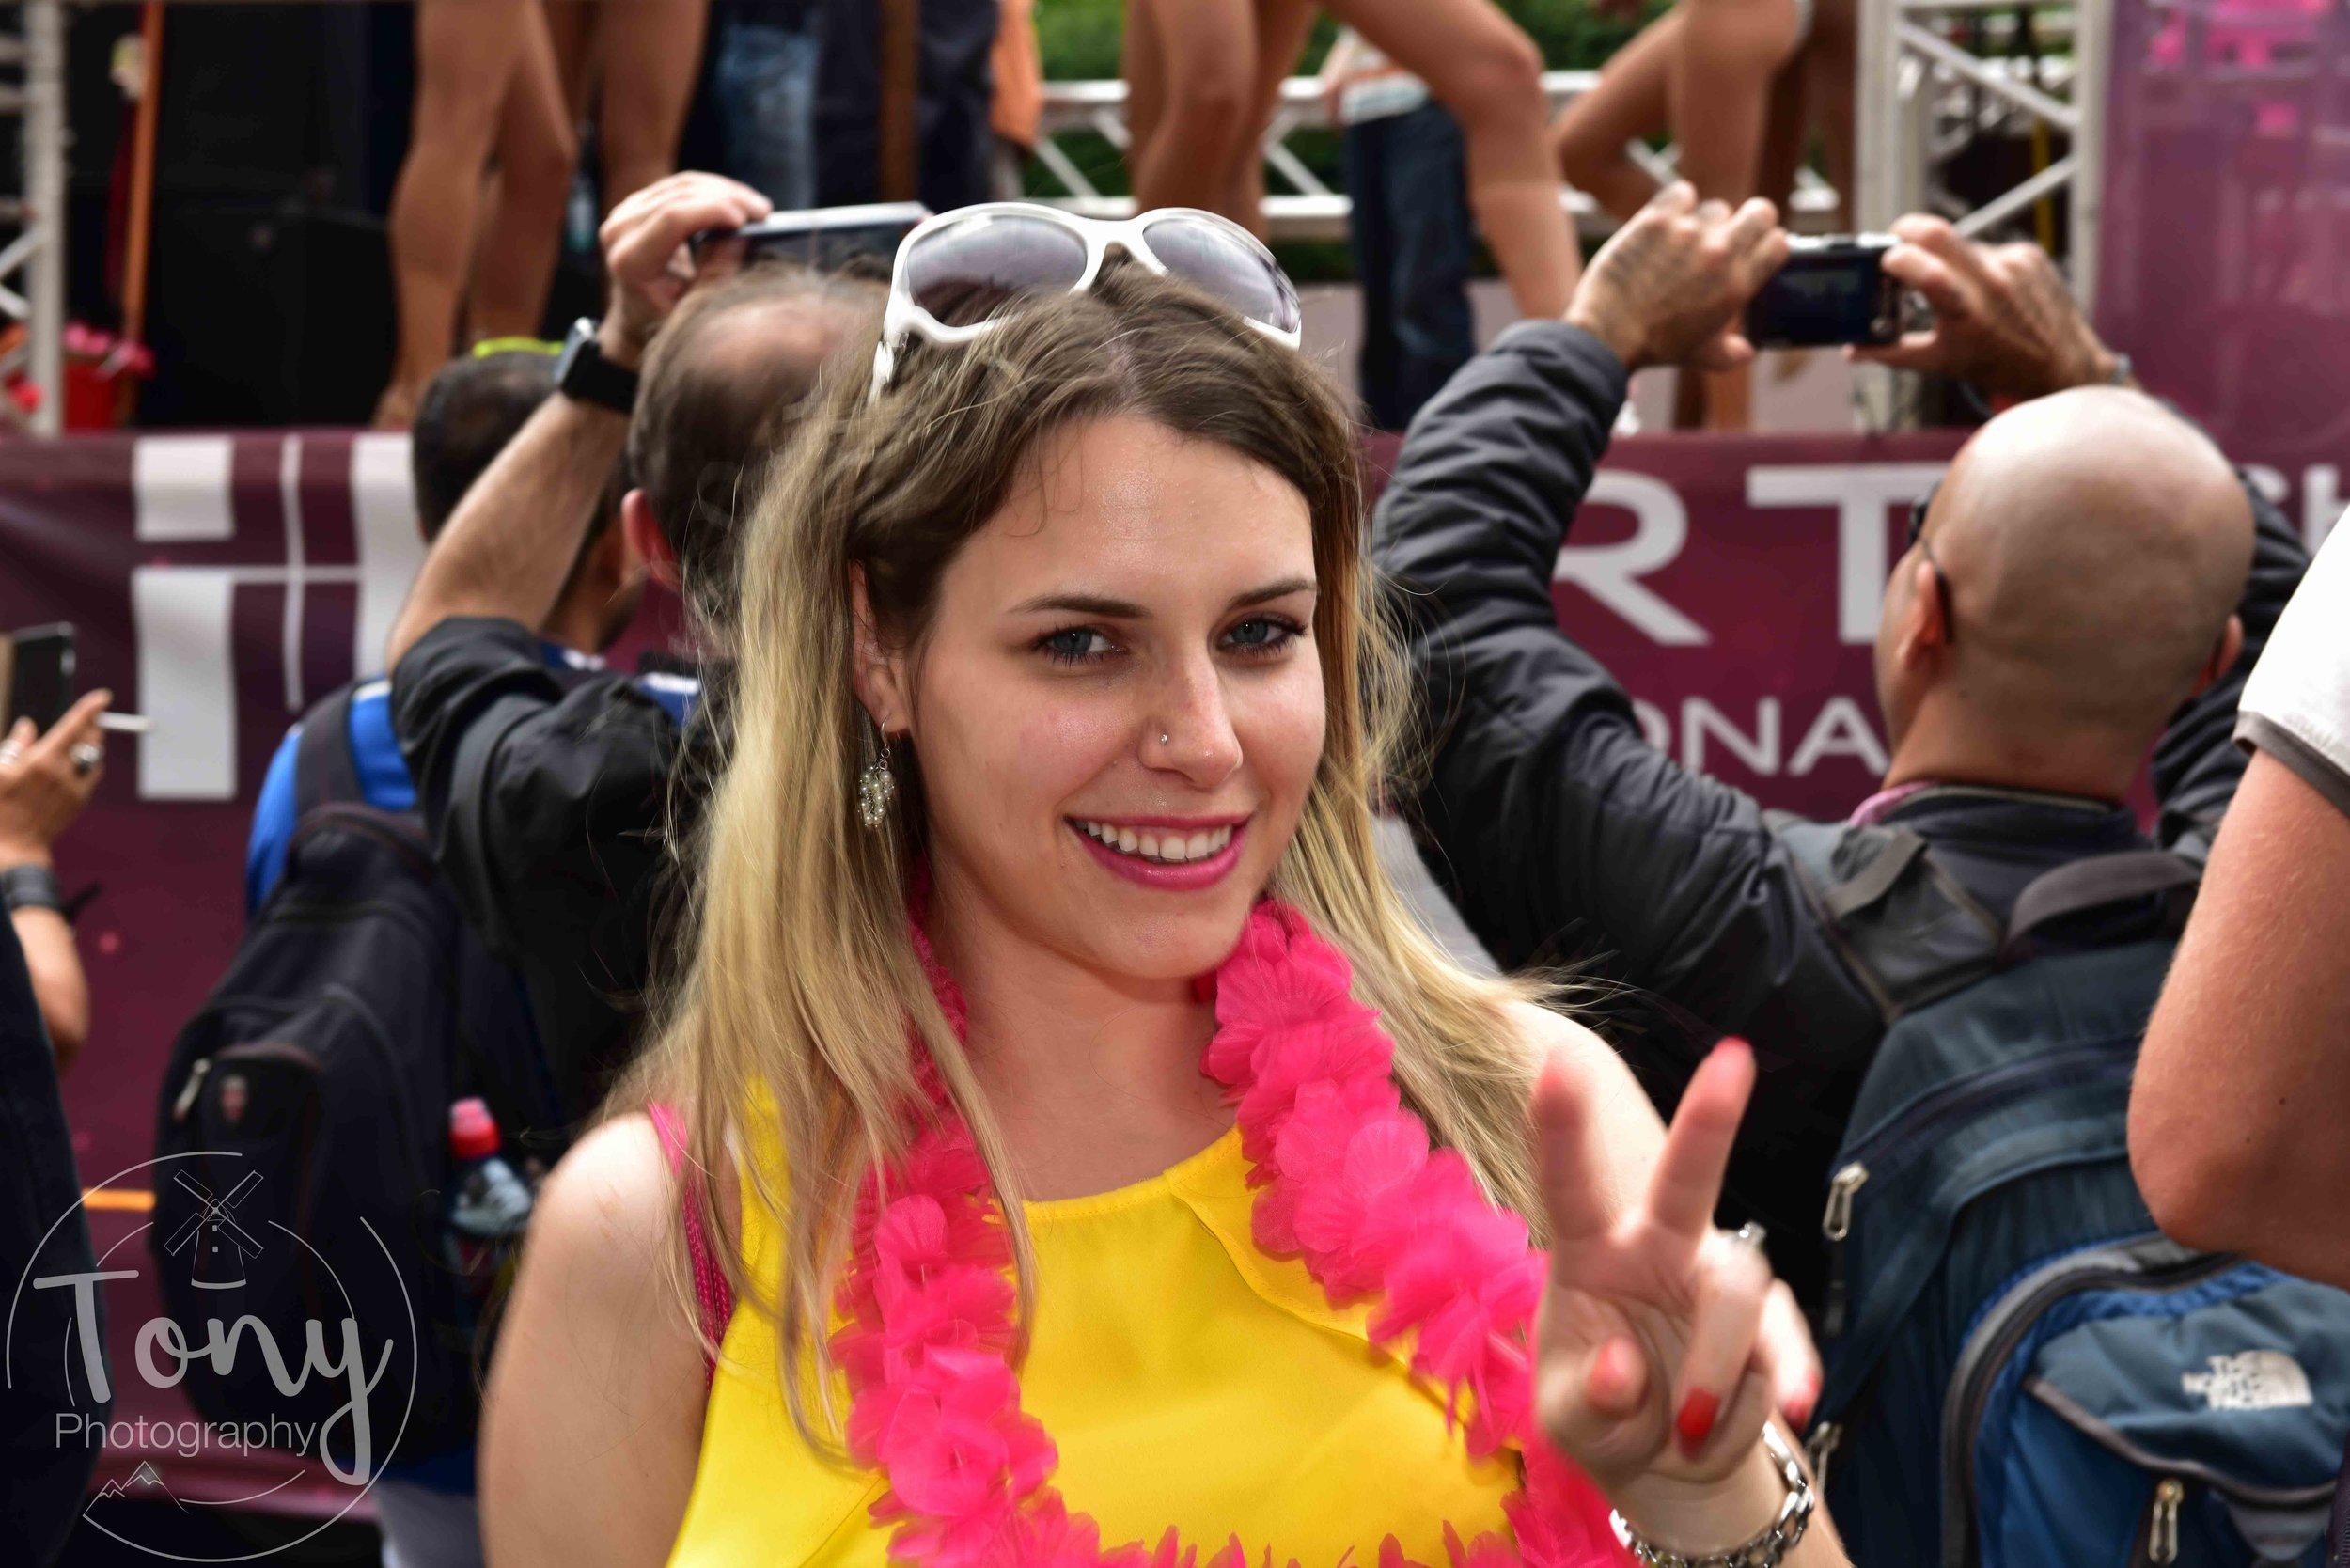 streetparade-96.jpg